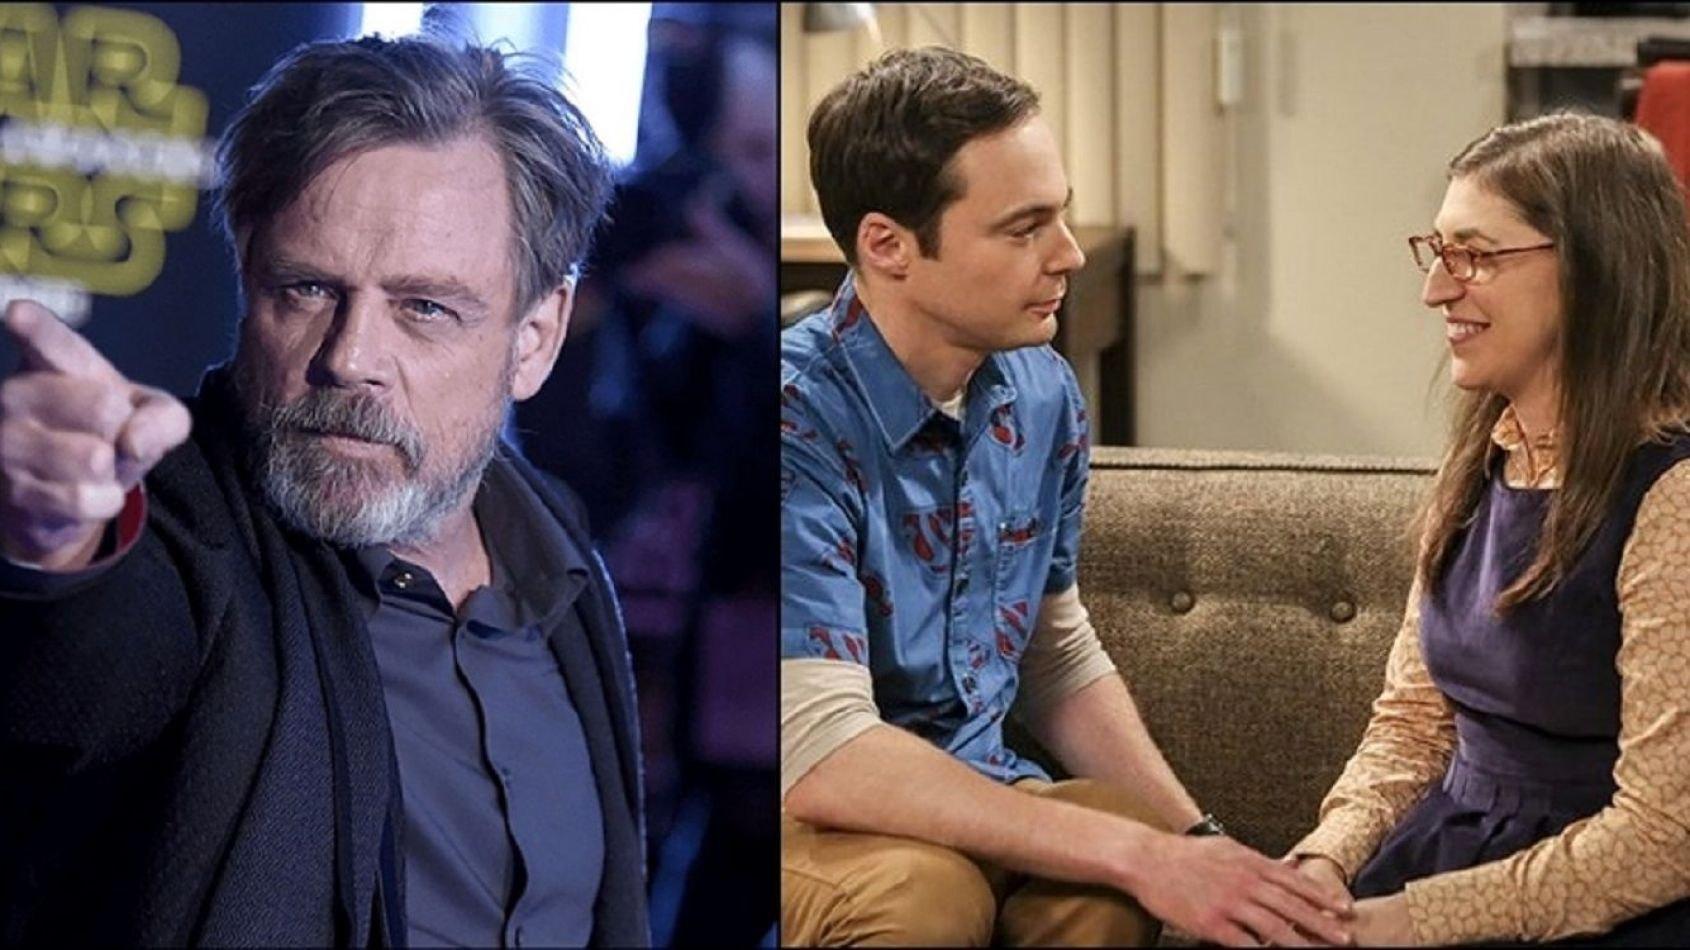 La rencontre entre les acteurs de The Big Bang Theory et Mark Hamill